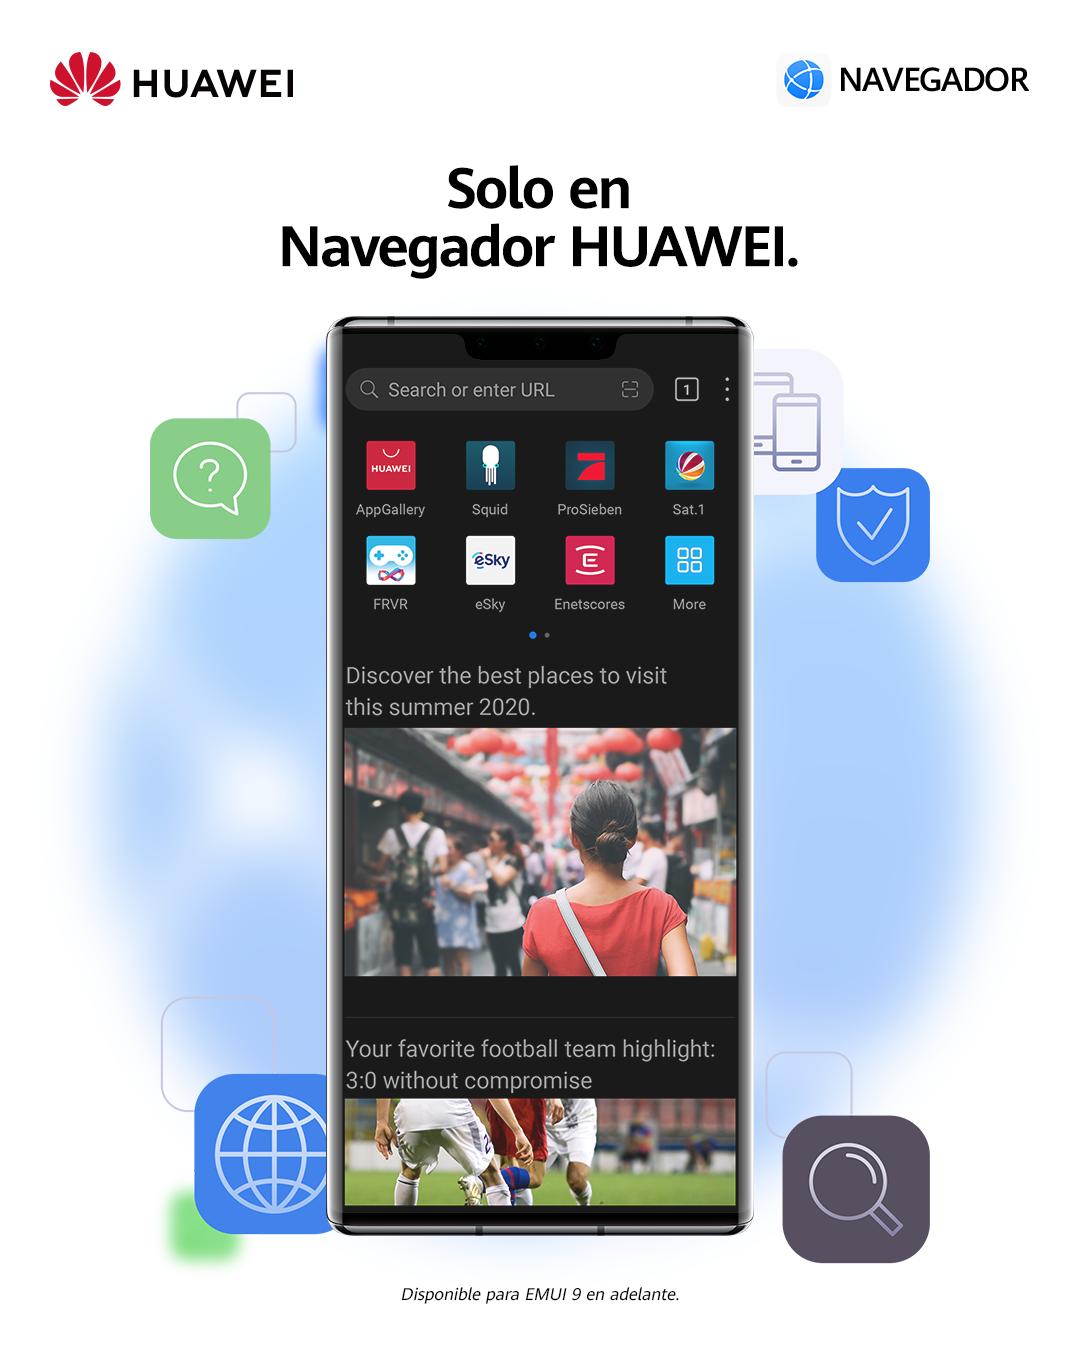 Huawei ajusta el newsfeed de su navegador